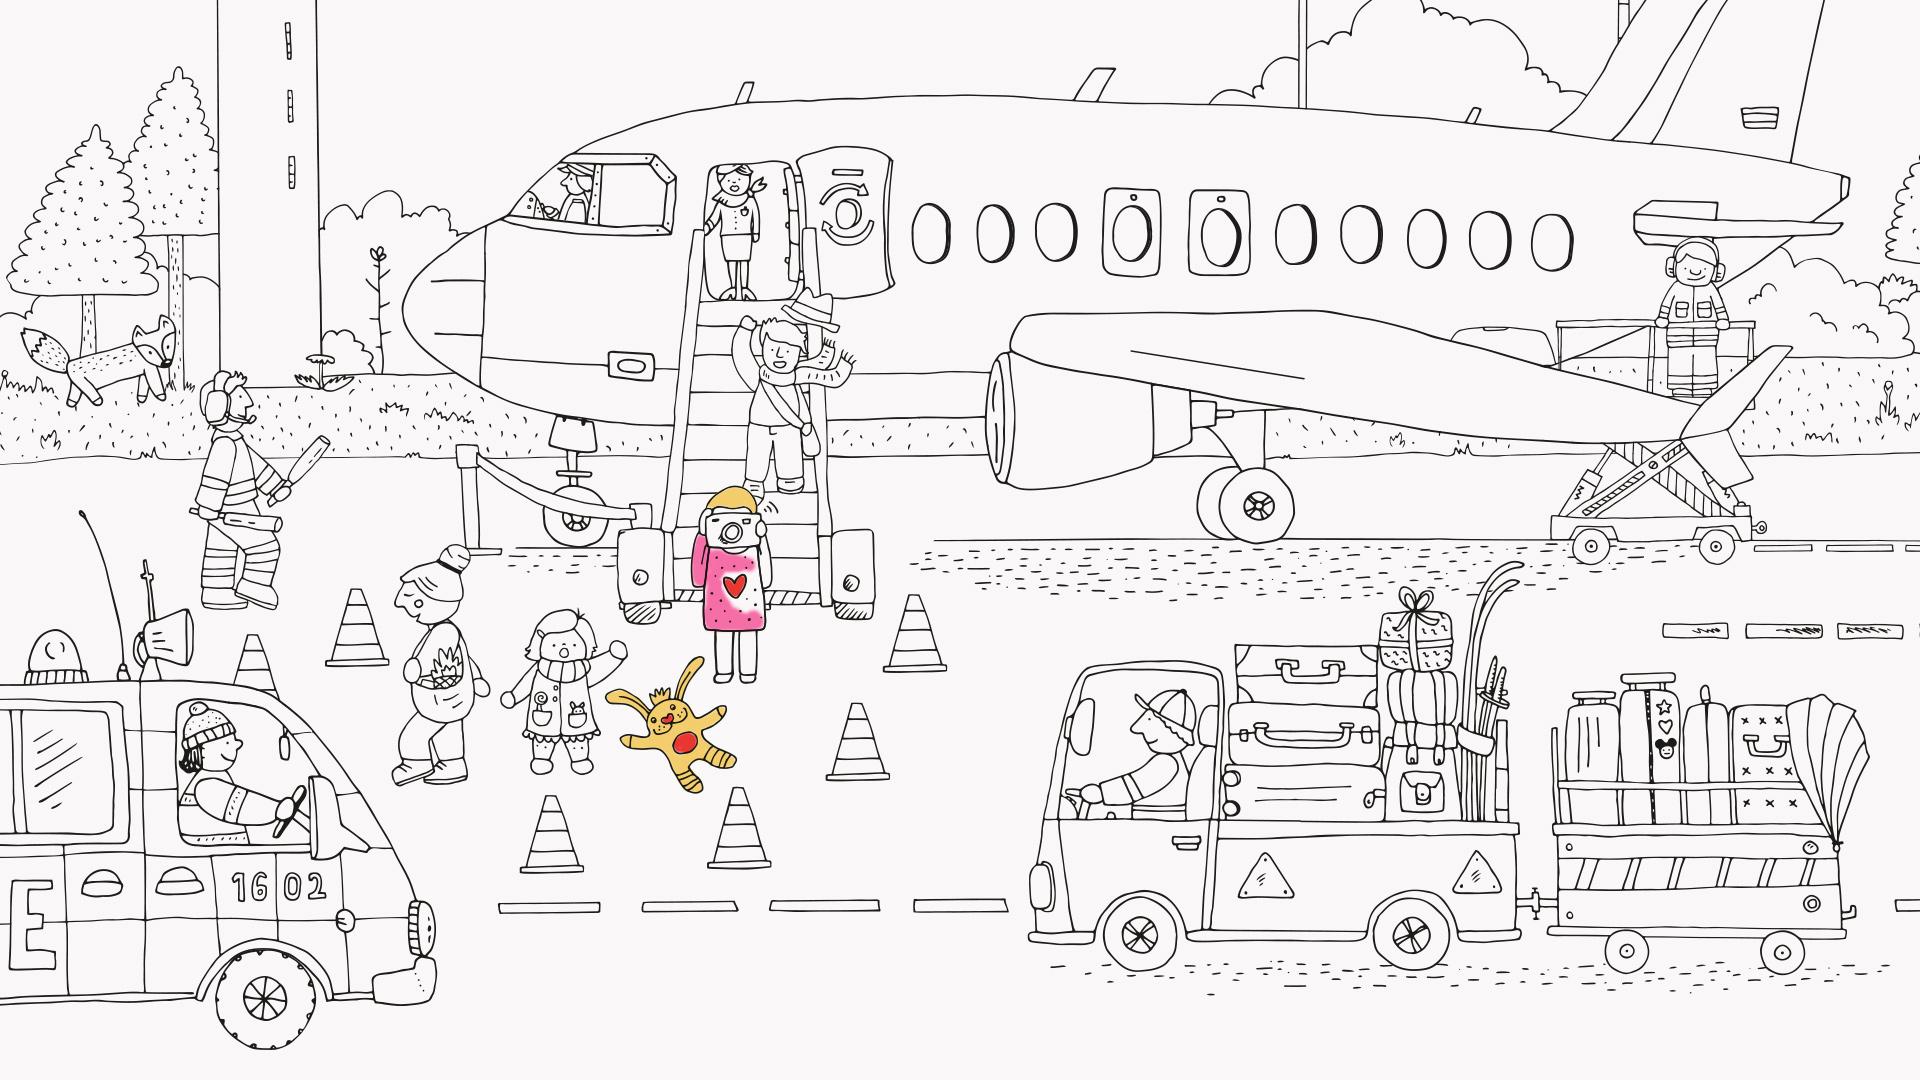 Illustration publicgarden | FBB: Ausmalposter für Kinder